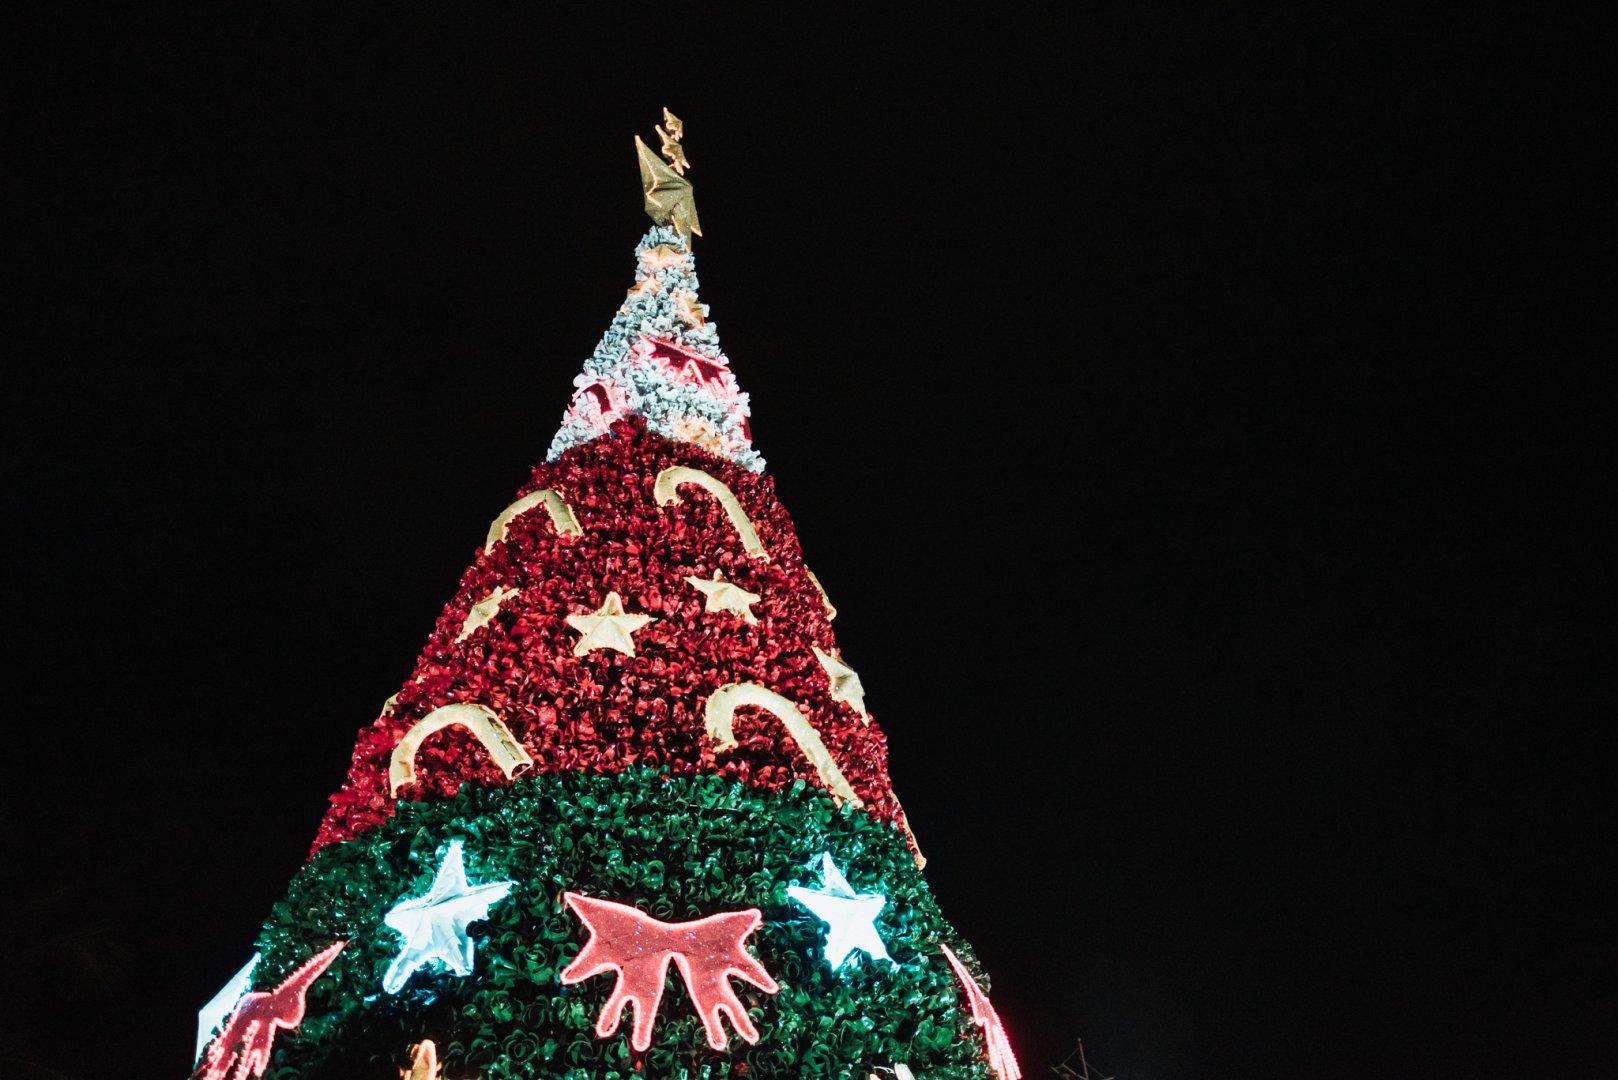 Com 16,40 metros de altura, a árvore superou os 15,20 metros do ano passado   Foto Divulgação